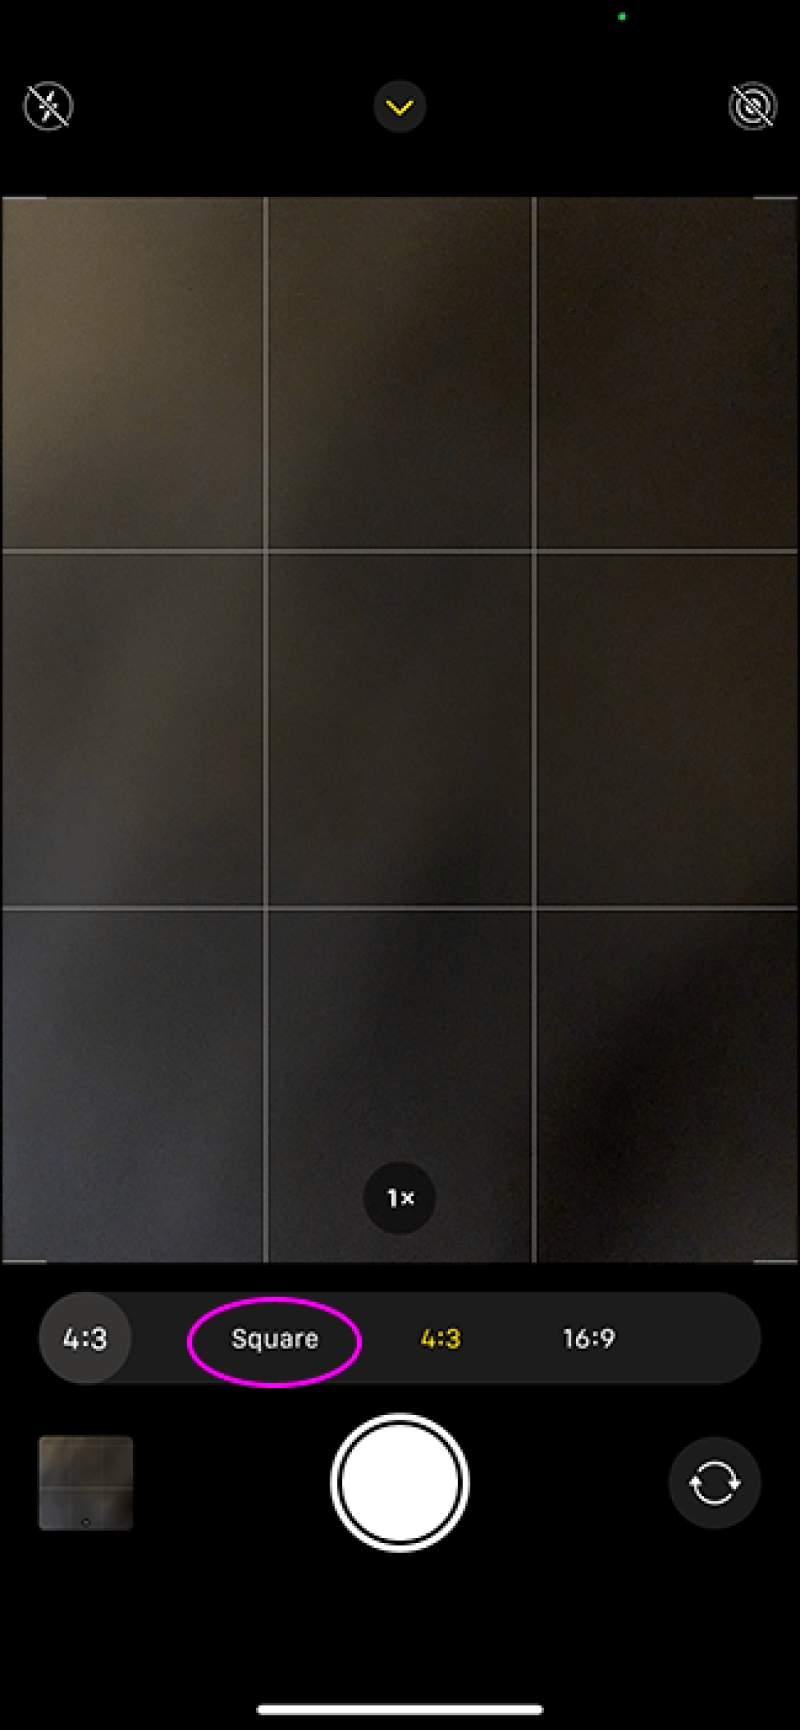 عکس Square در آیفون